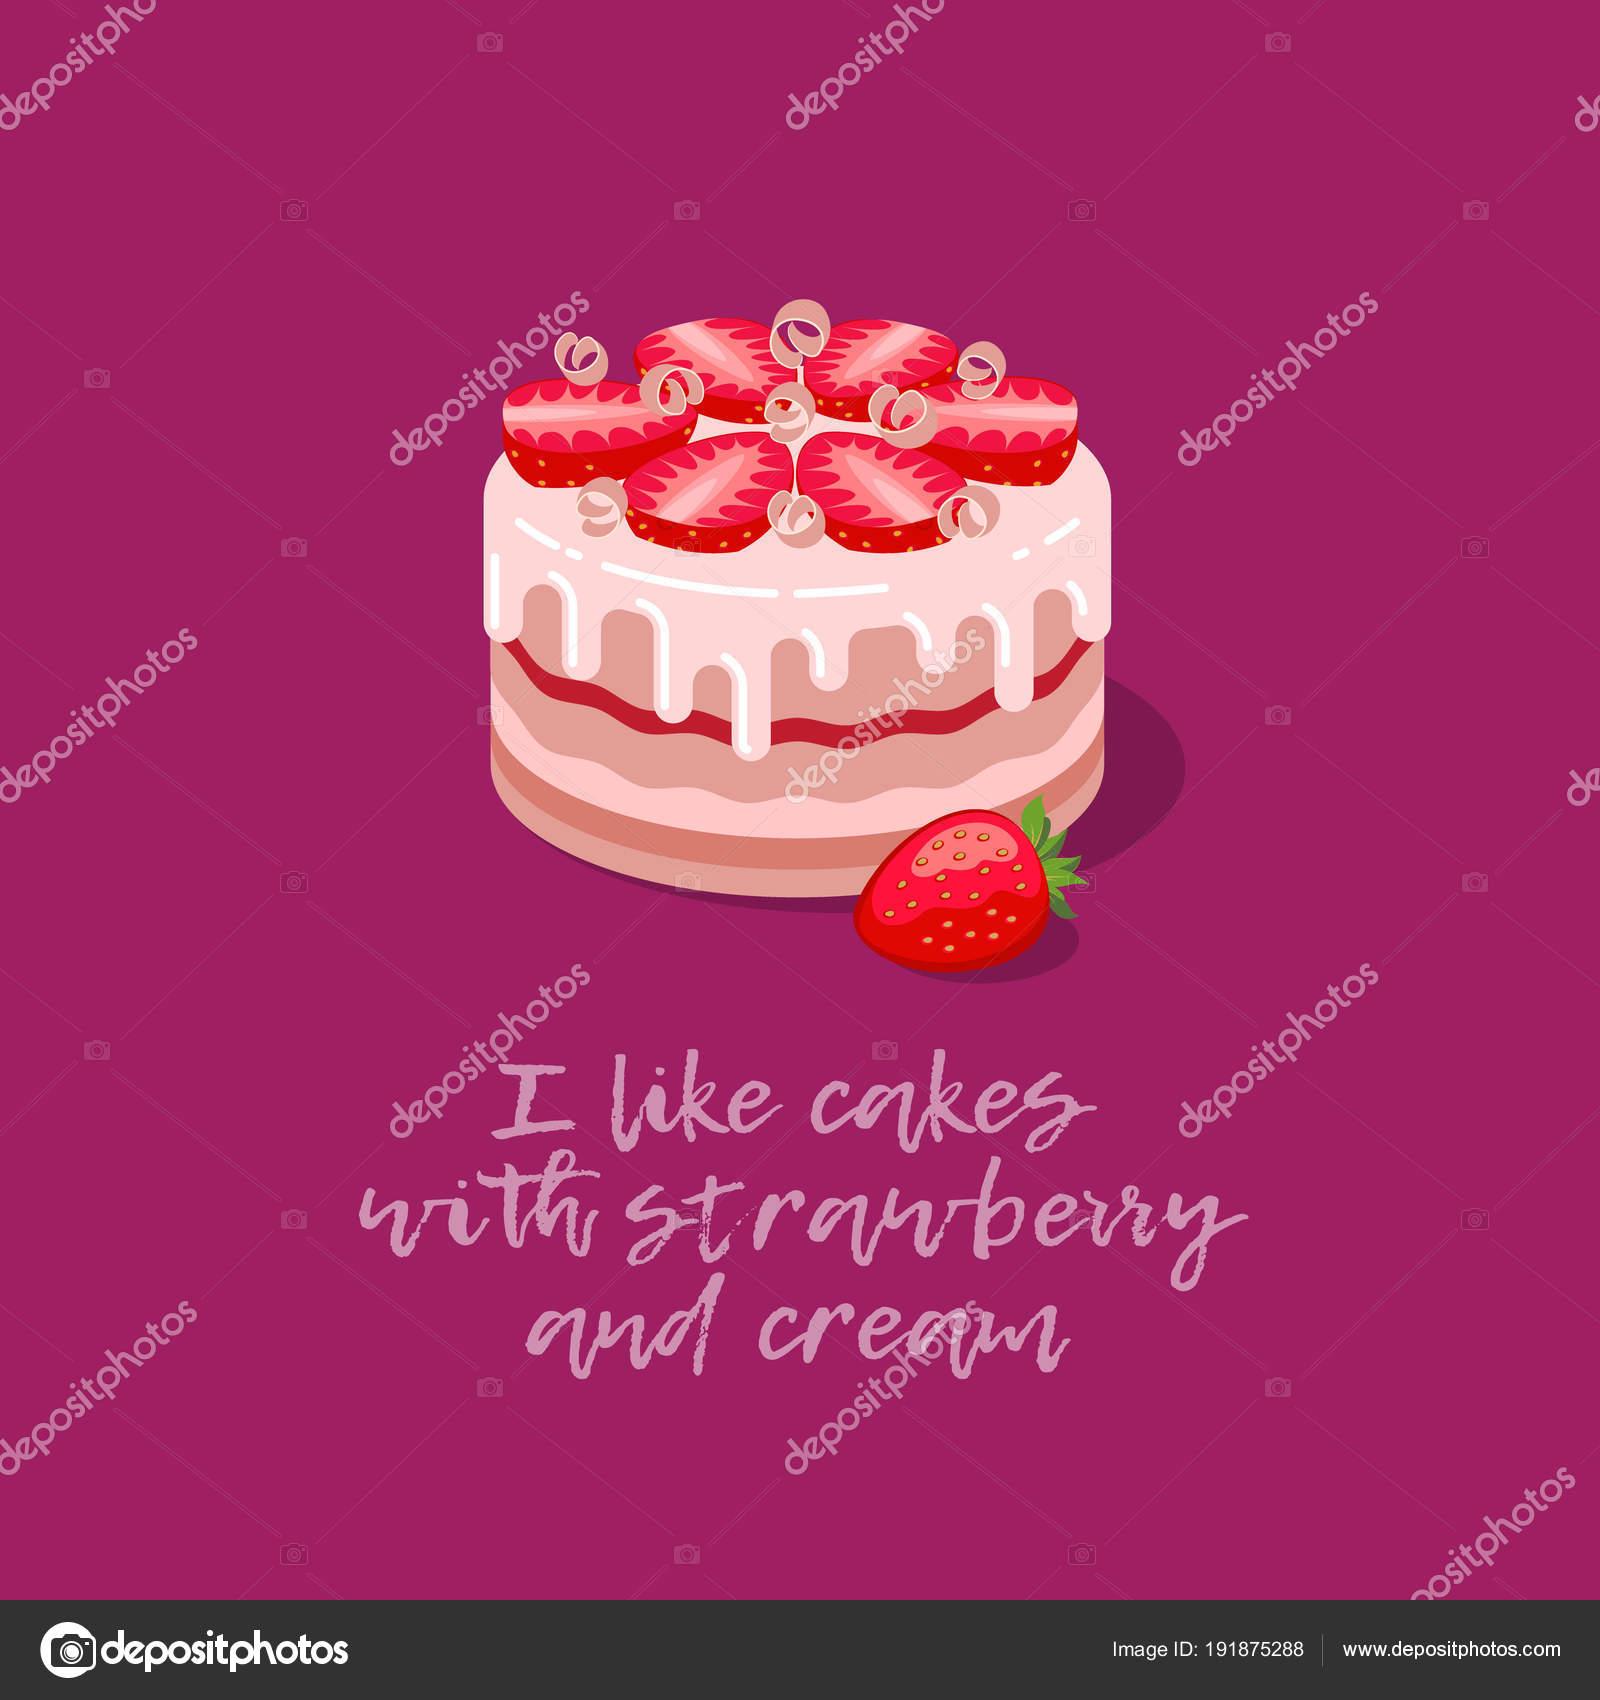 Kuchen Abbildung Eine Schöne Torte Mit Erdbeeren Sahne Sirup Kuchen U2014  Stockvektor